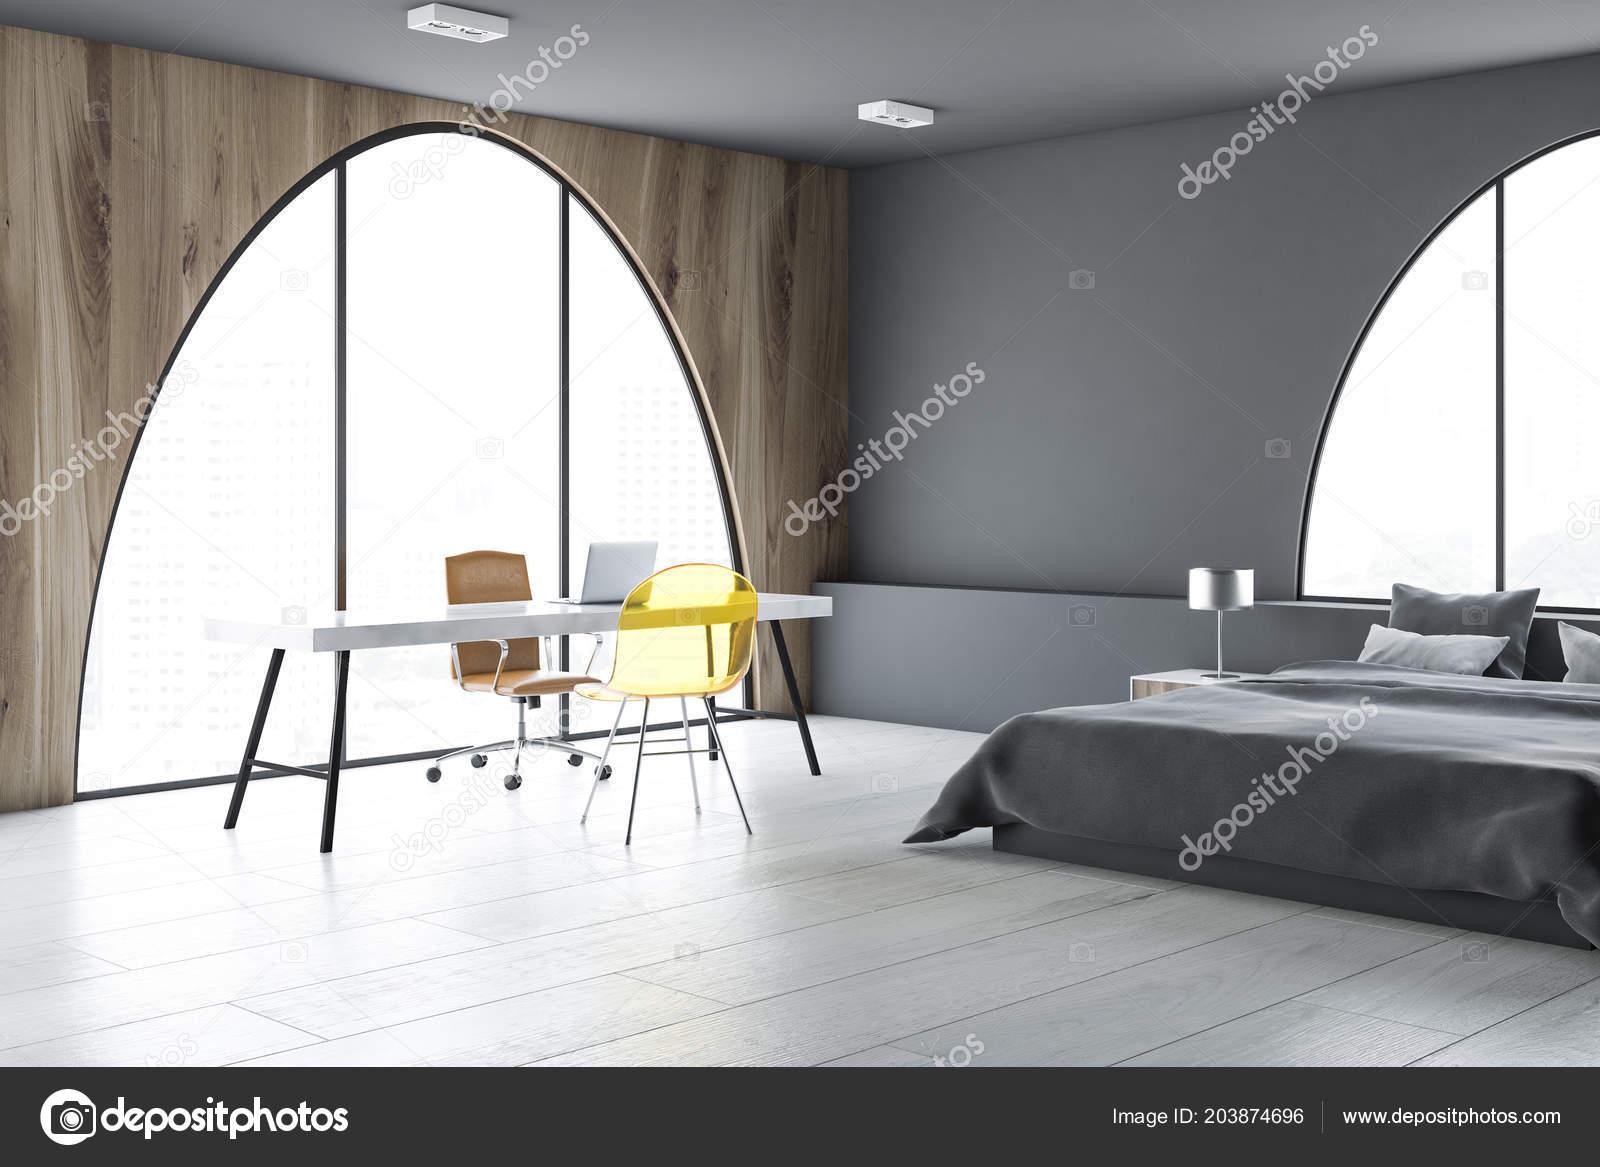 Bureau maison intérieur chambre coucher avec dark gris des